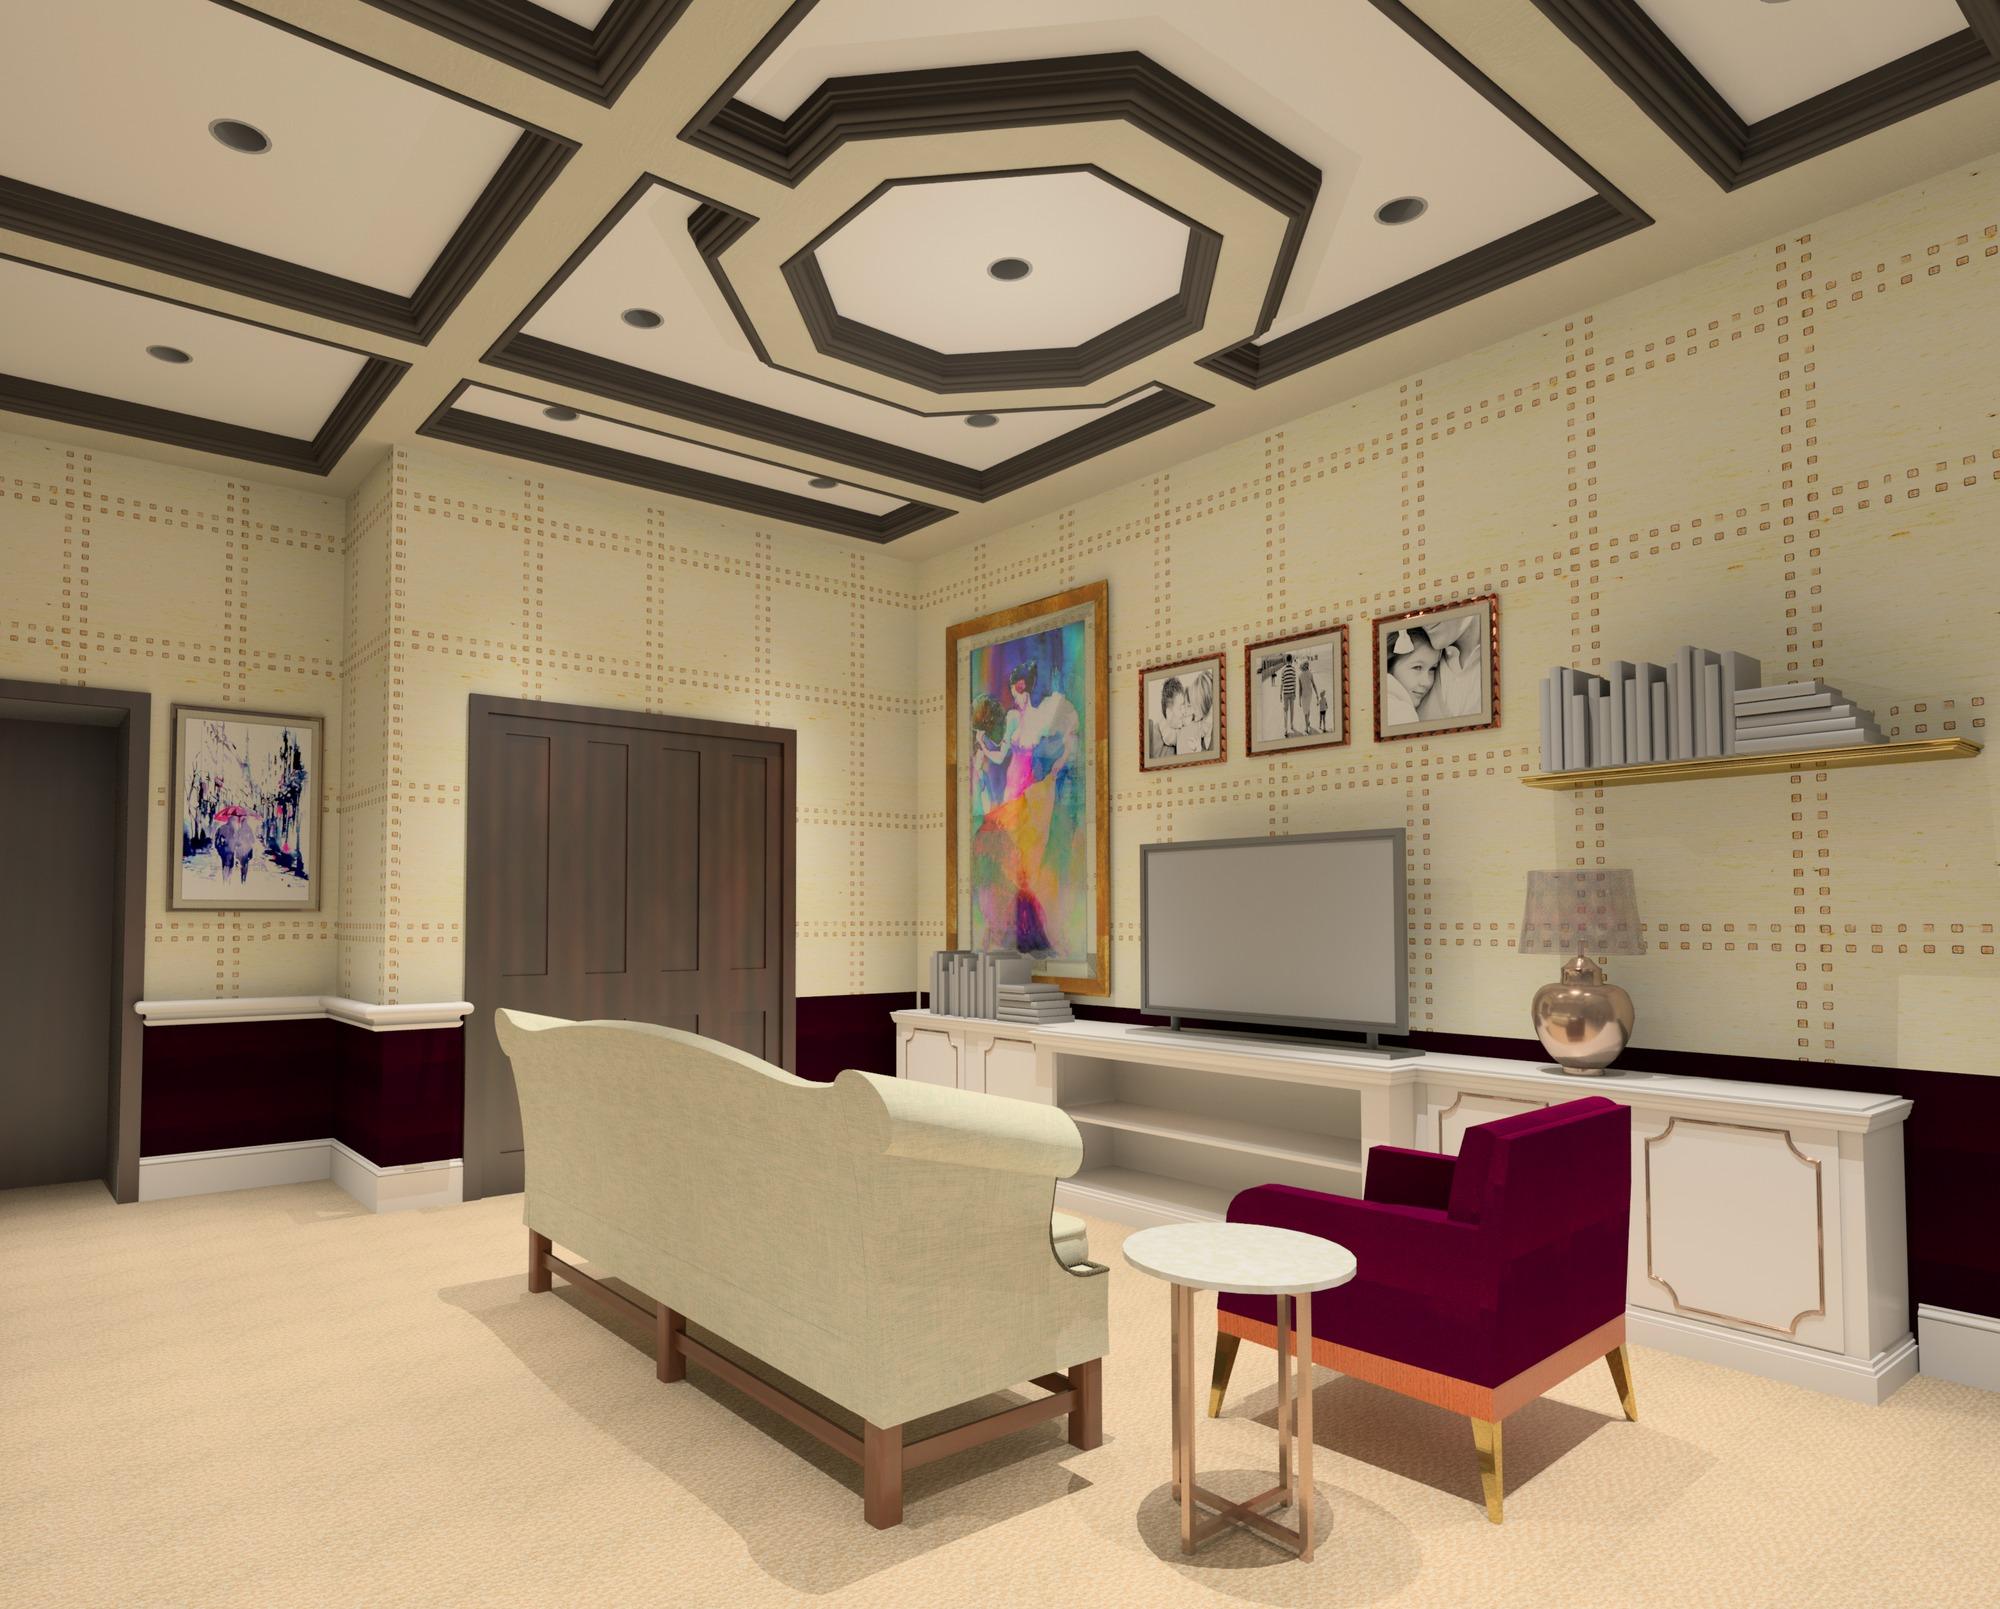 Raas-rendering20150220-8117-6oab4v